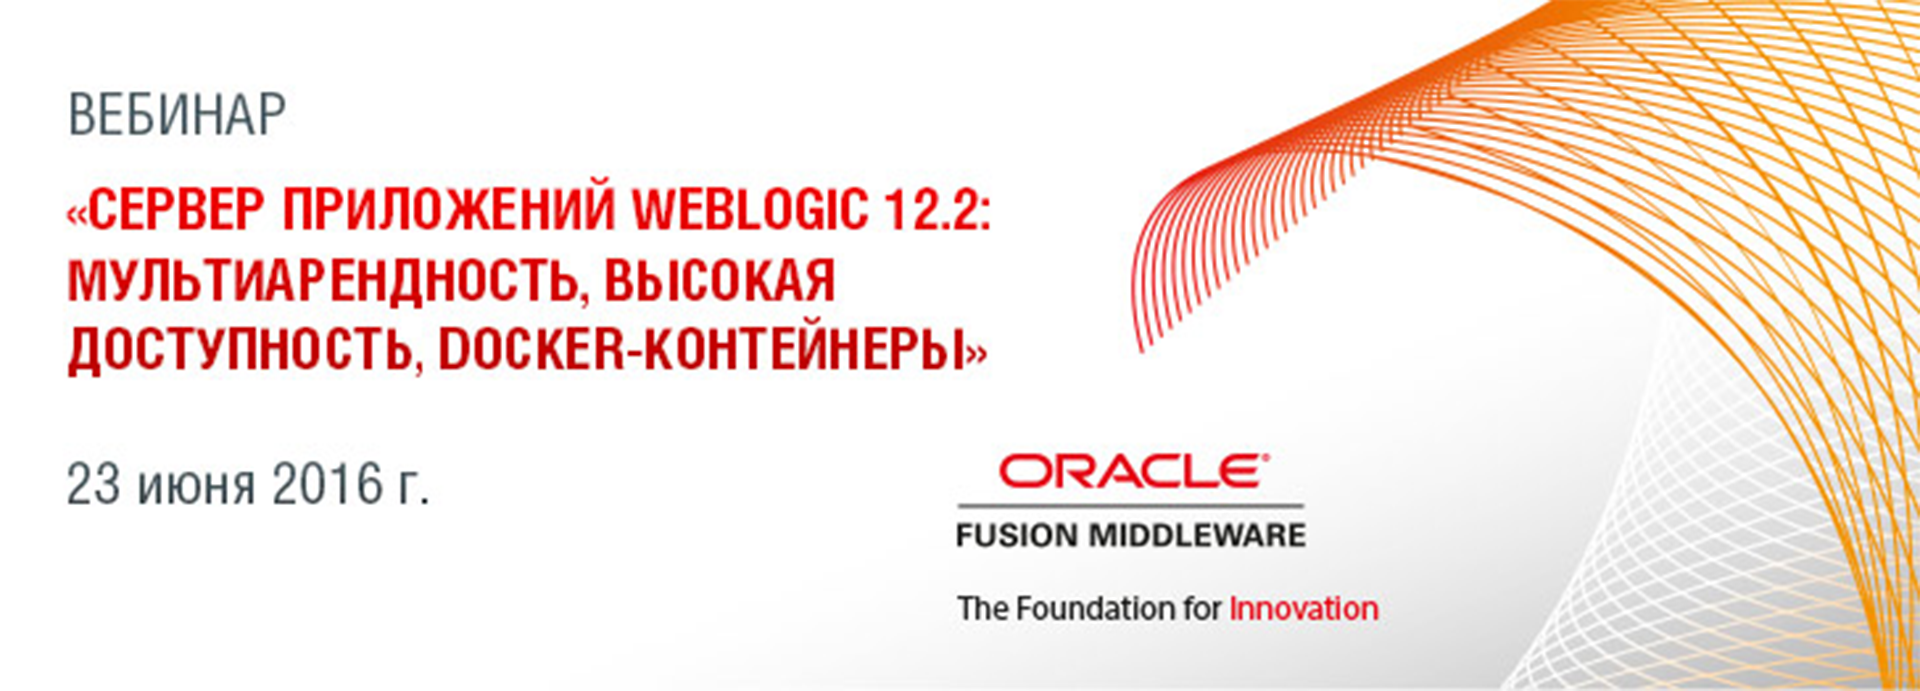 Бесплатный вебинар «Сервер приложений WebLogic 12.2: мультиарендность, высокая доступность, Docker-контейнеры»